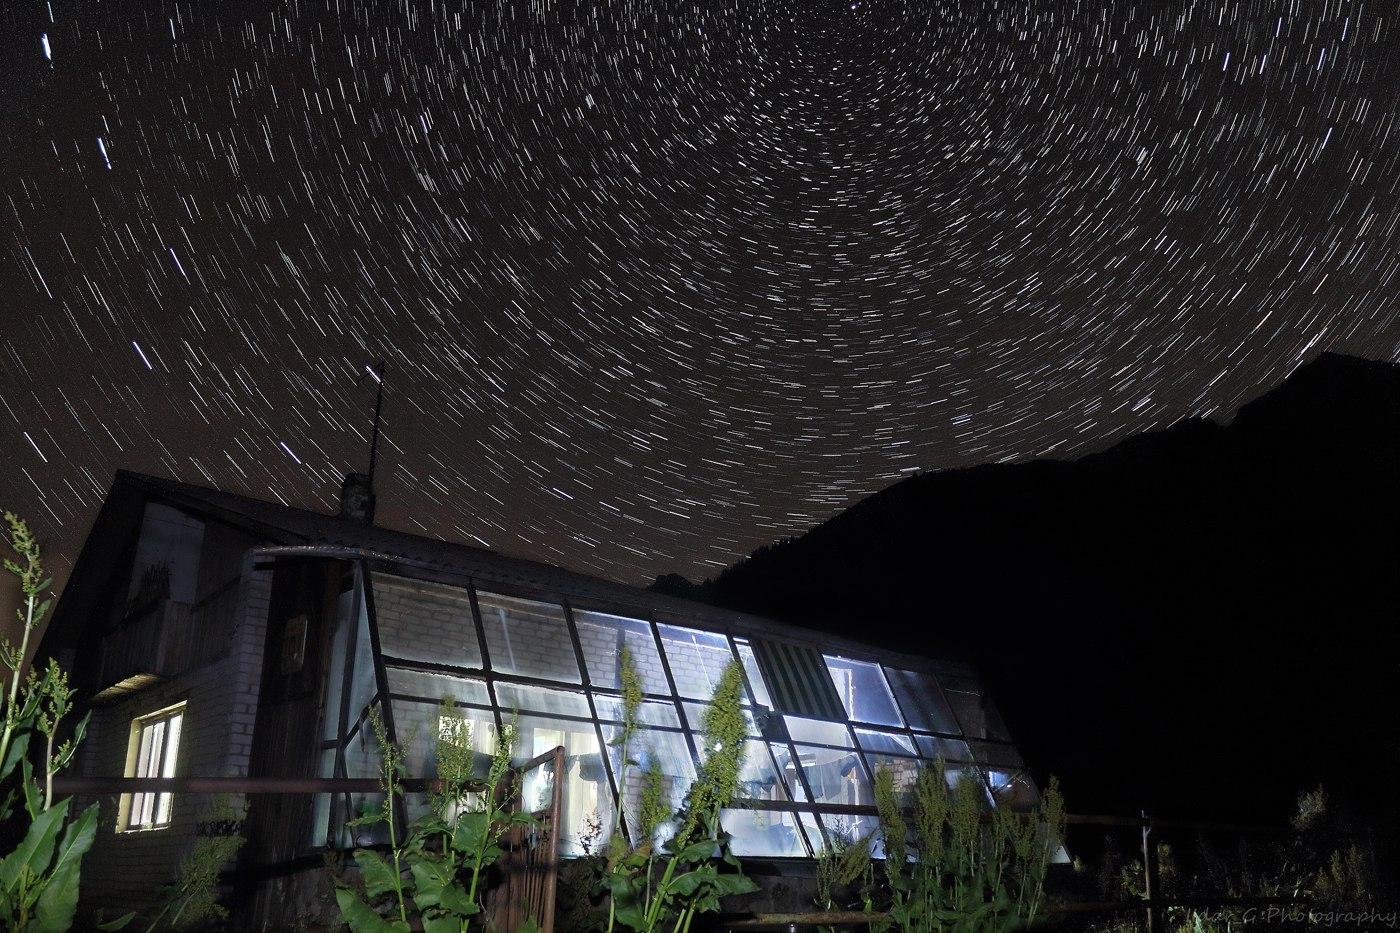 сферический поток звёзд, эффект звёздной дорожки снимки высокой выдержки или много снимков скомпанованных в один